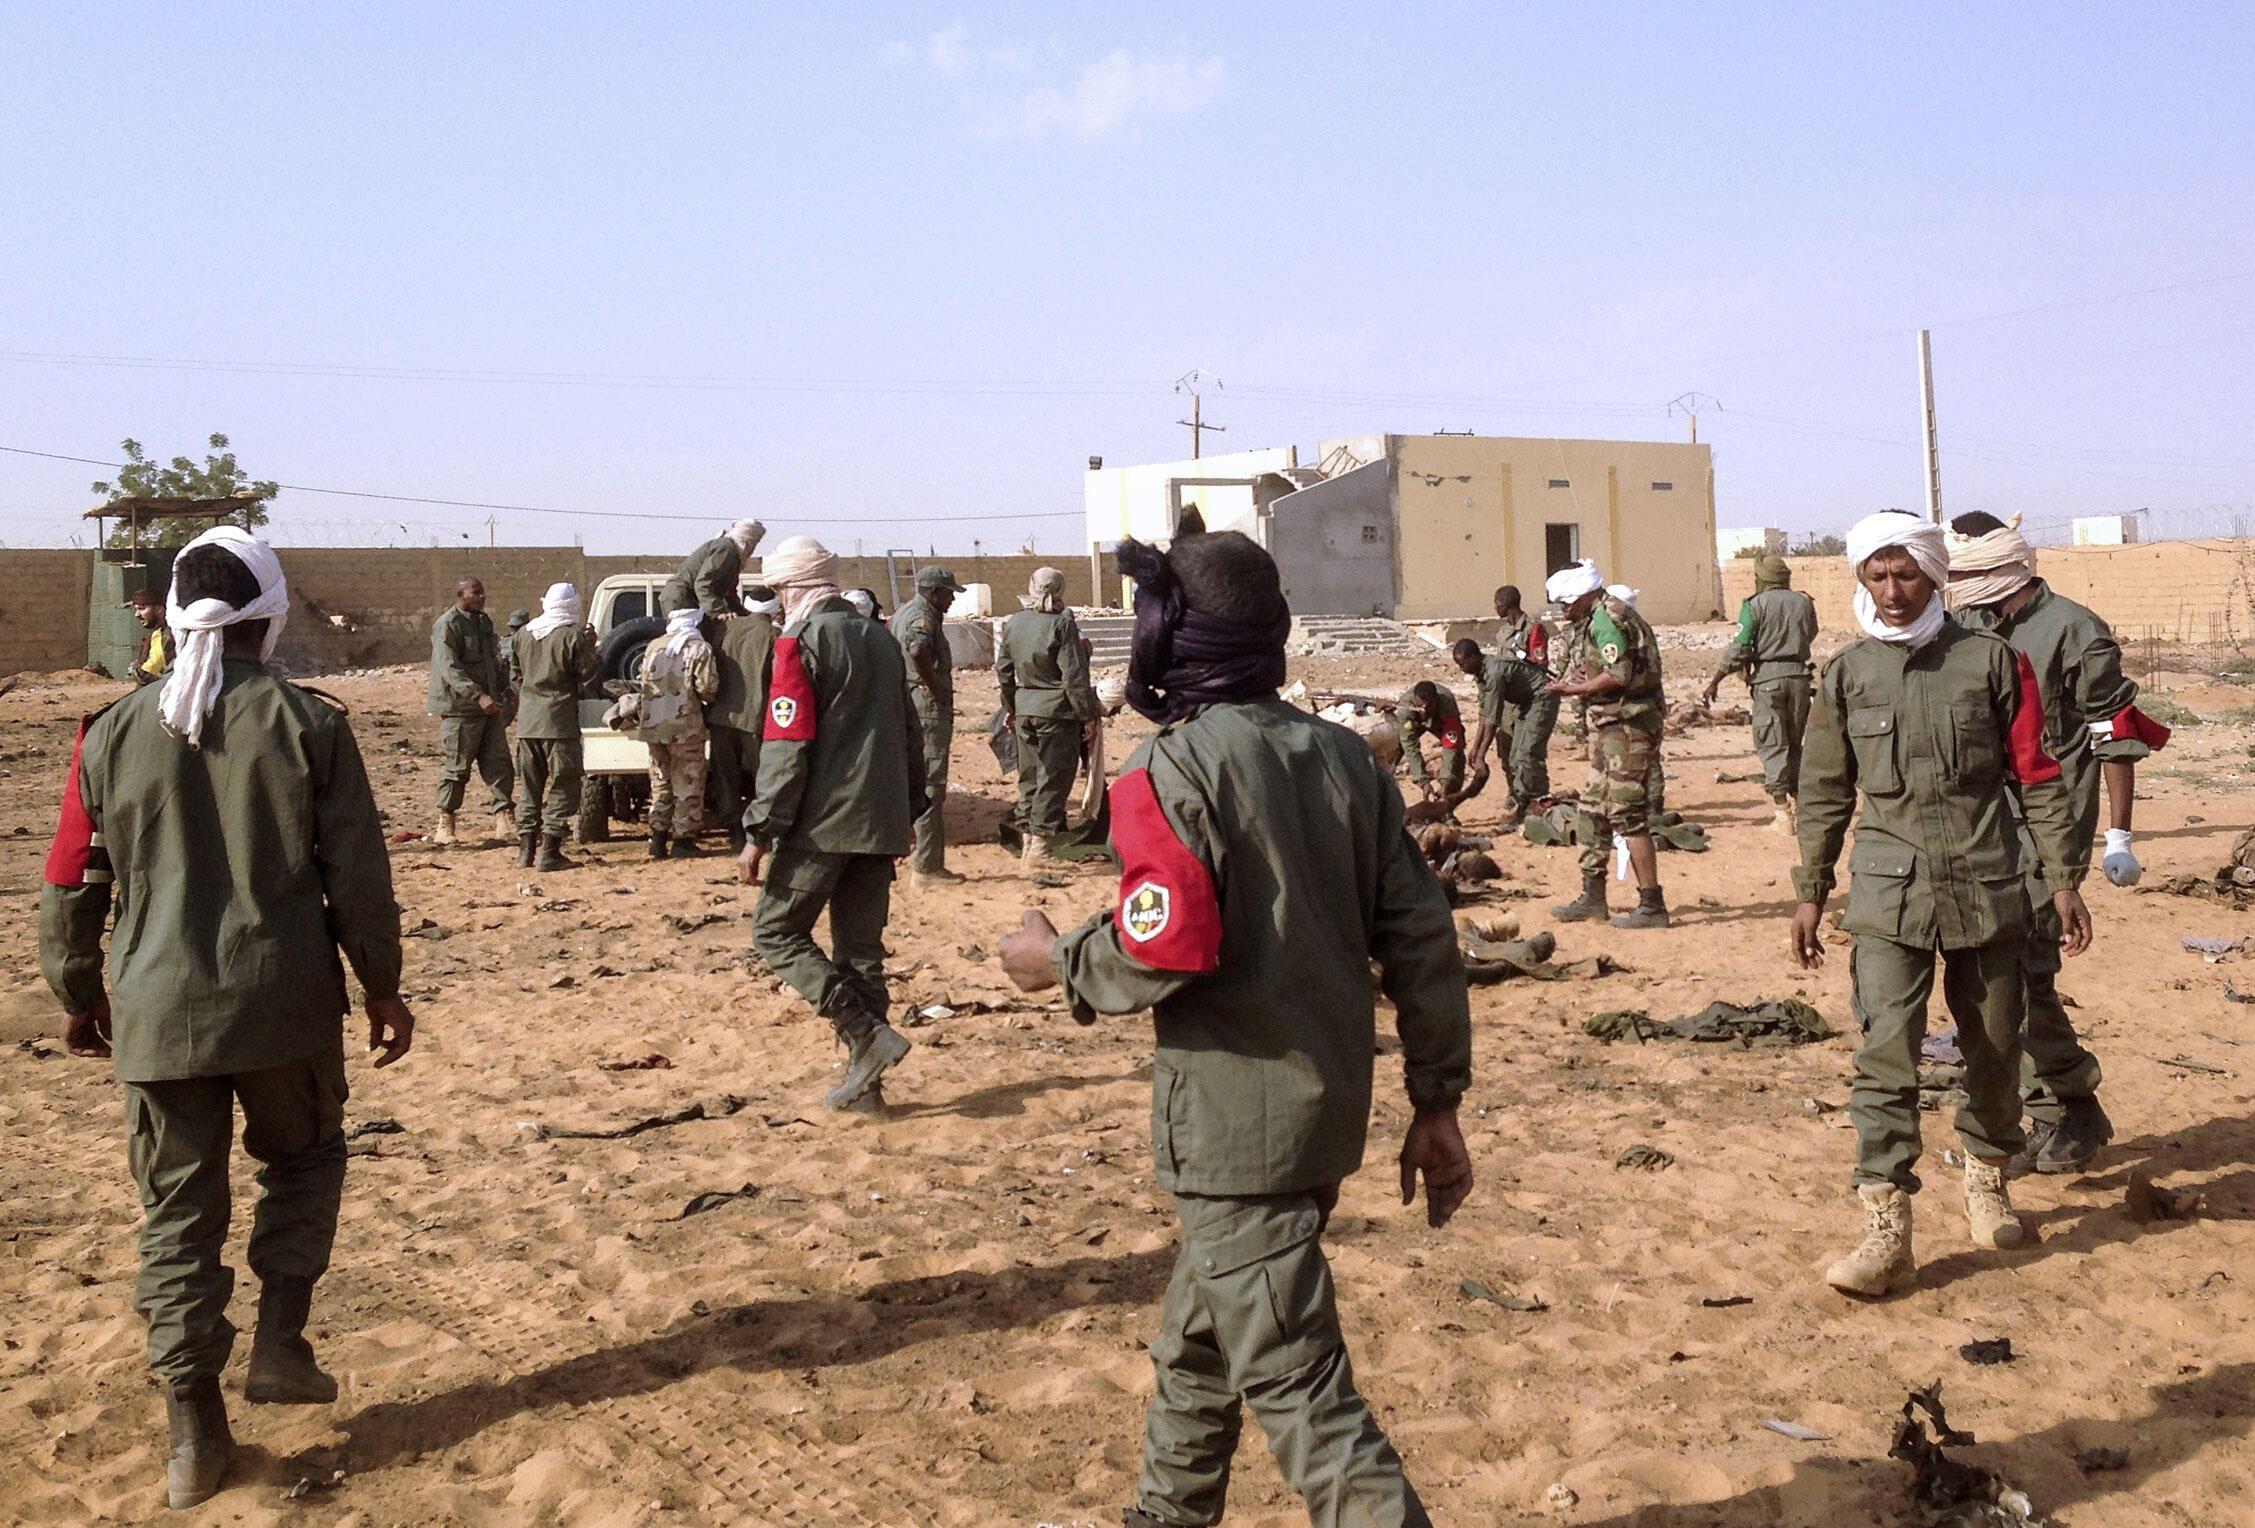 Sur le site de l'attentat au véhicule piégé ce mercredi 18 janvier à Gao, dans un camp du Mécanisme Opérationnel de Coordination (MOC) géré par les Forces armées maliennes.